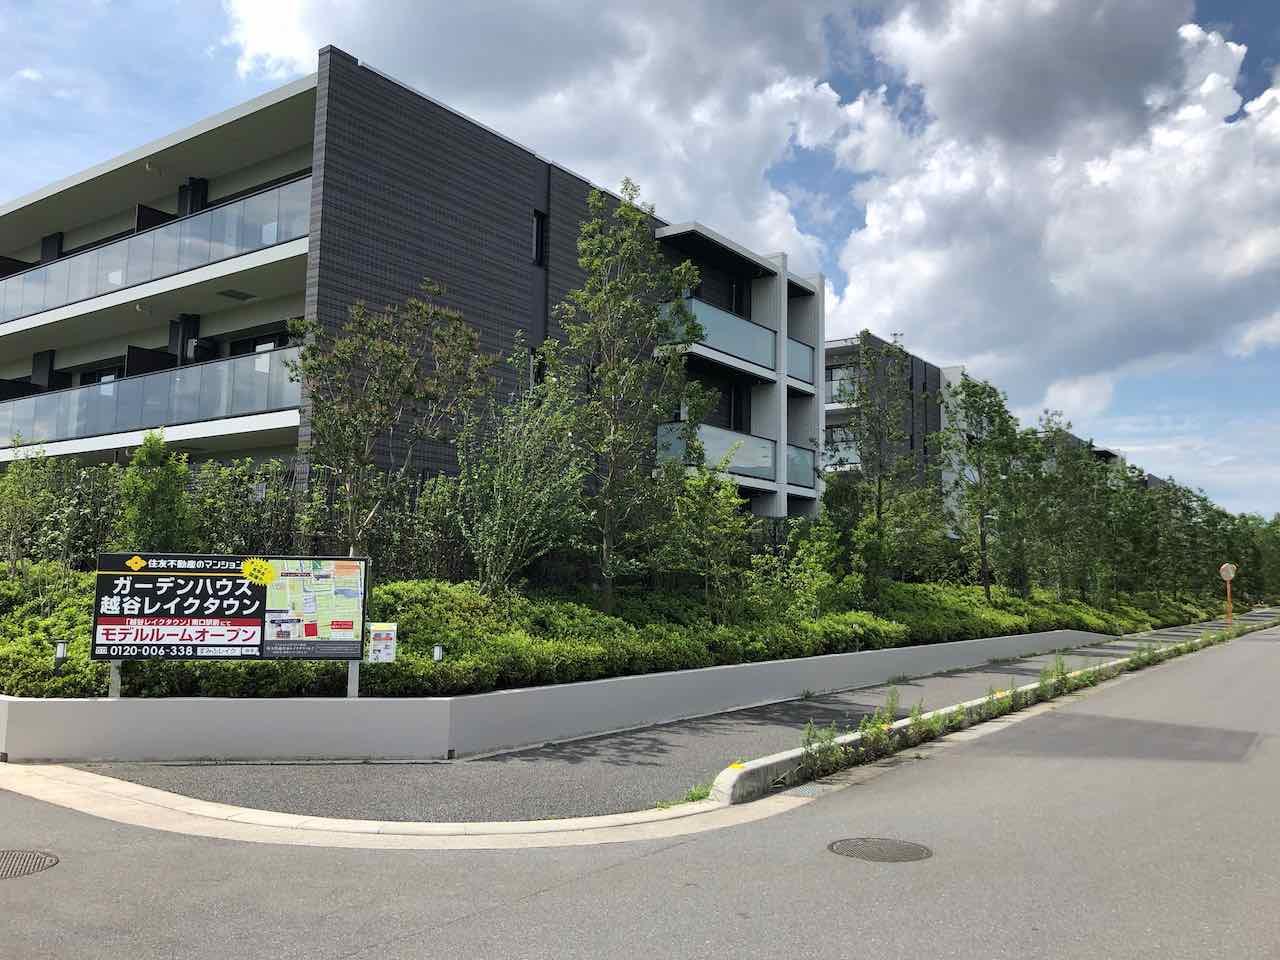 越谷 レイク タウン ガーデン ハウス